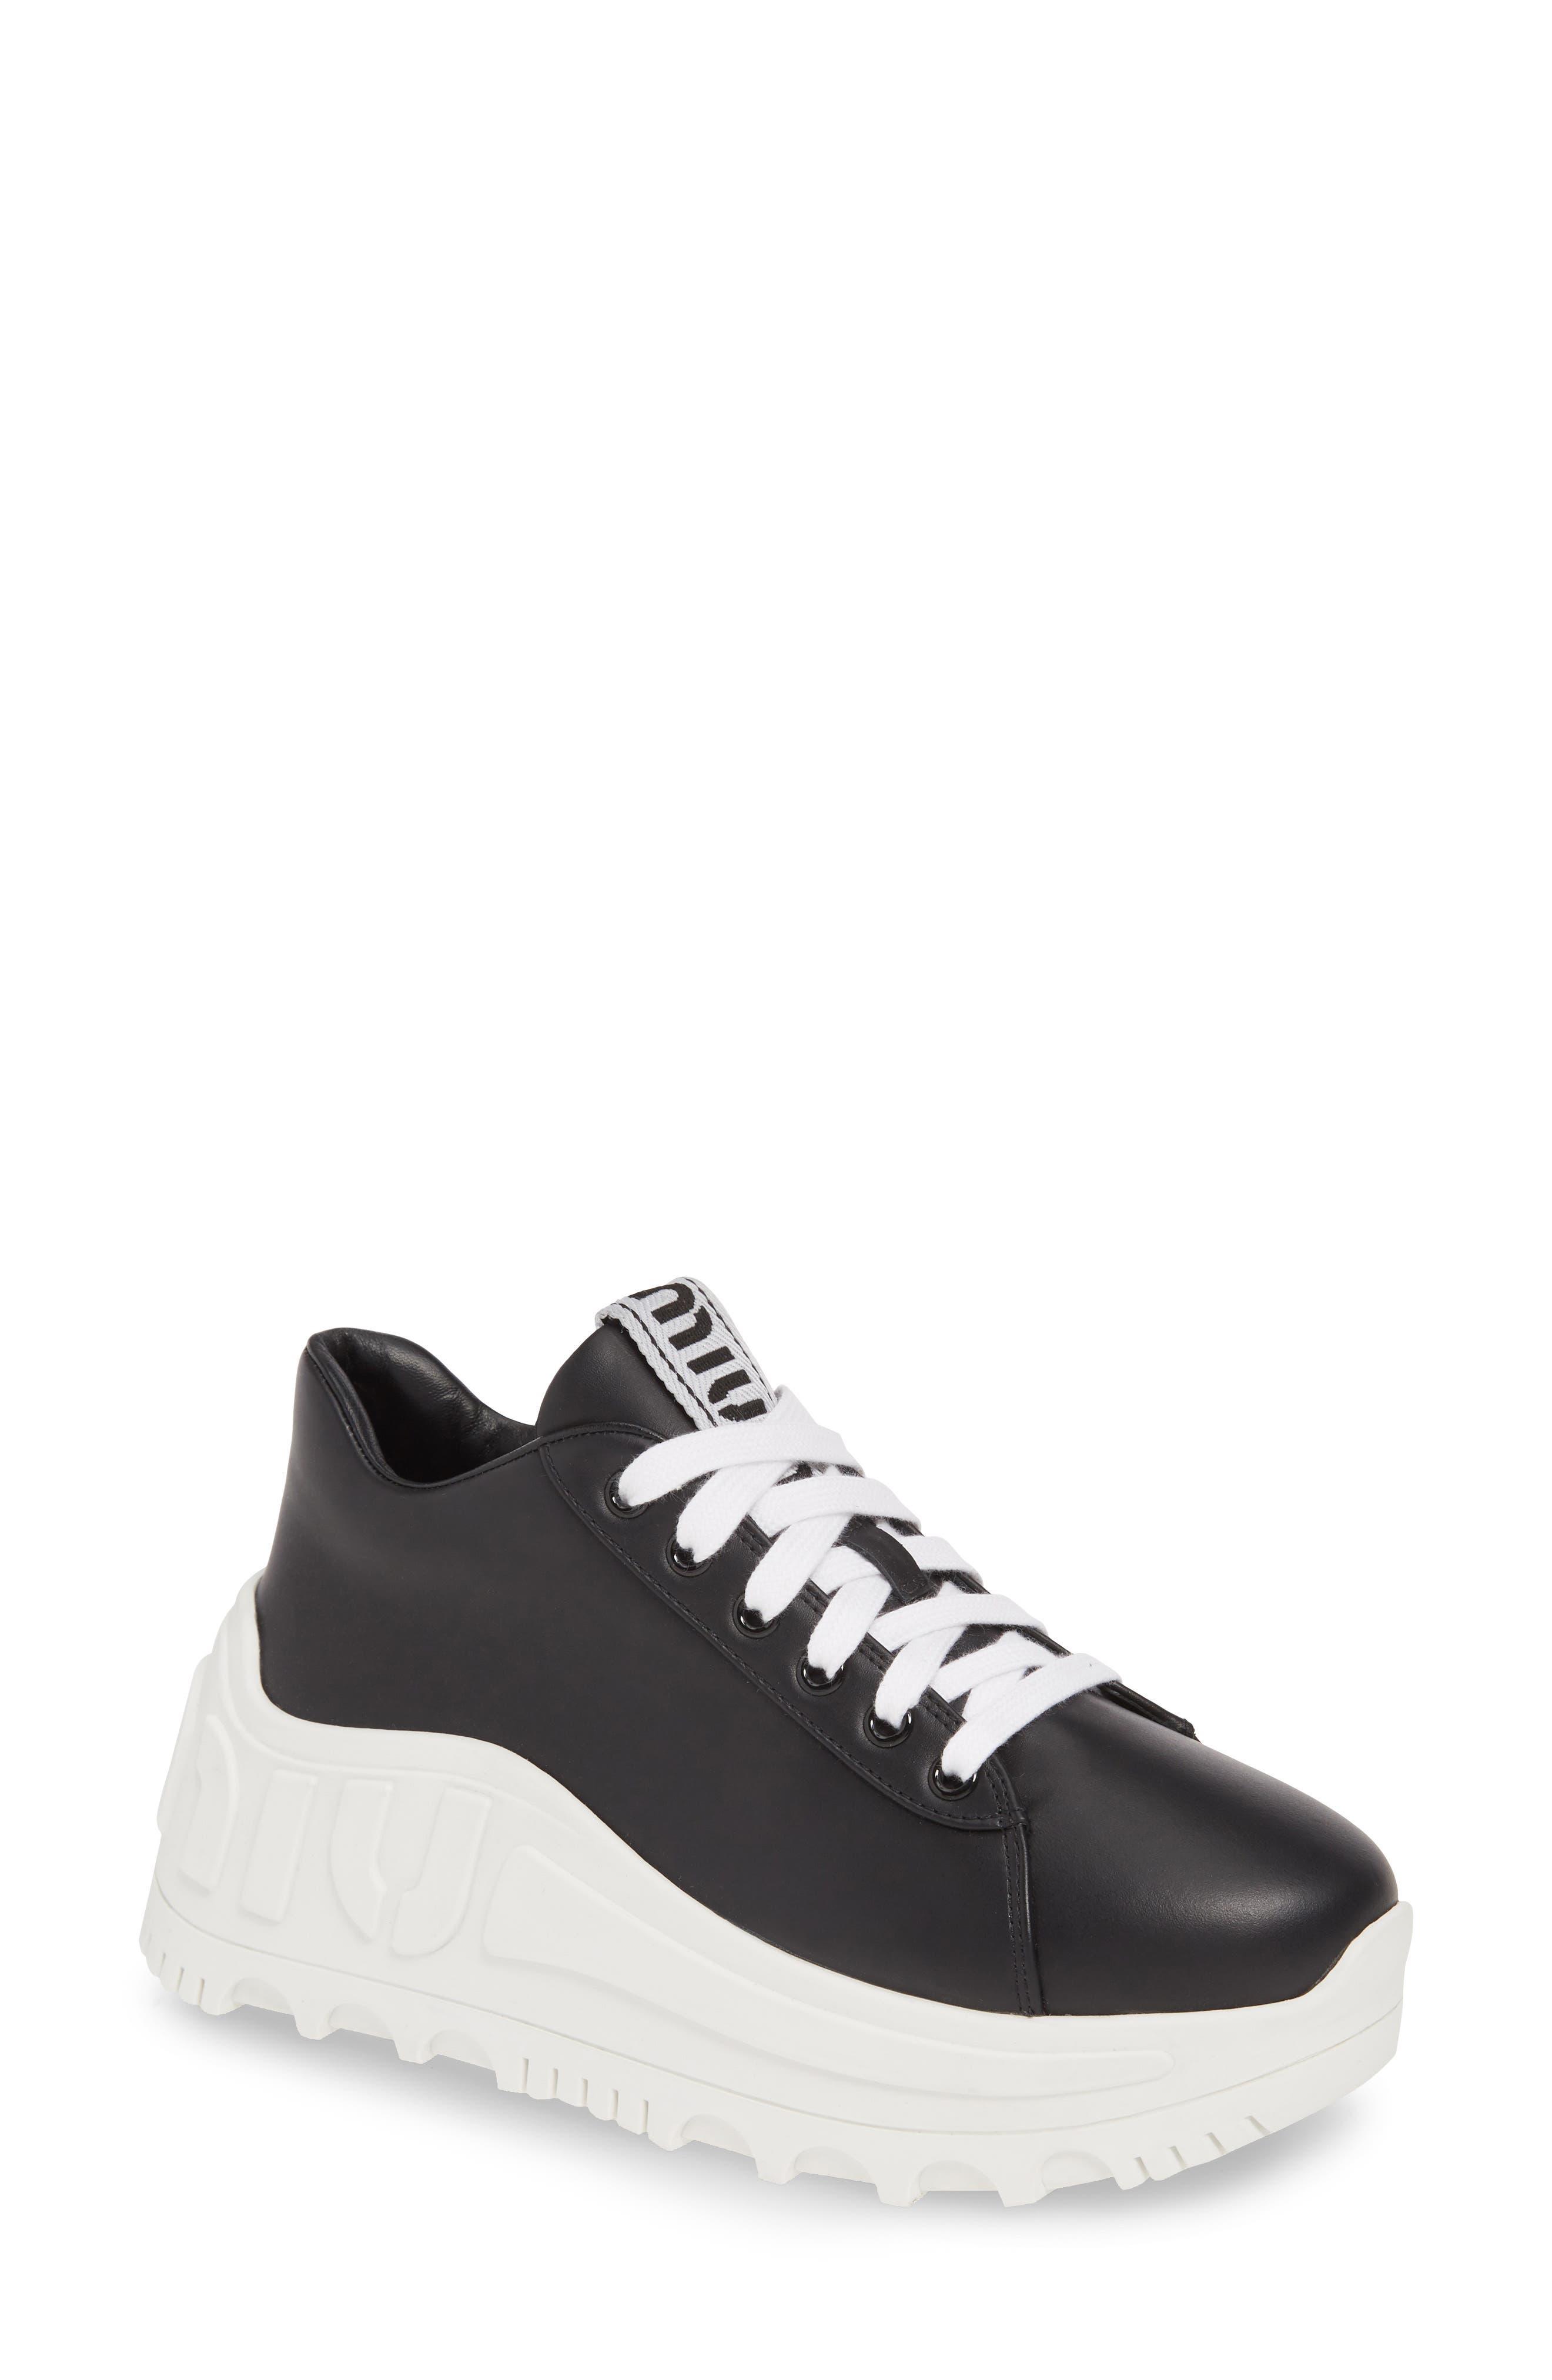 Miu Miu Wedge Sneaker, Black